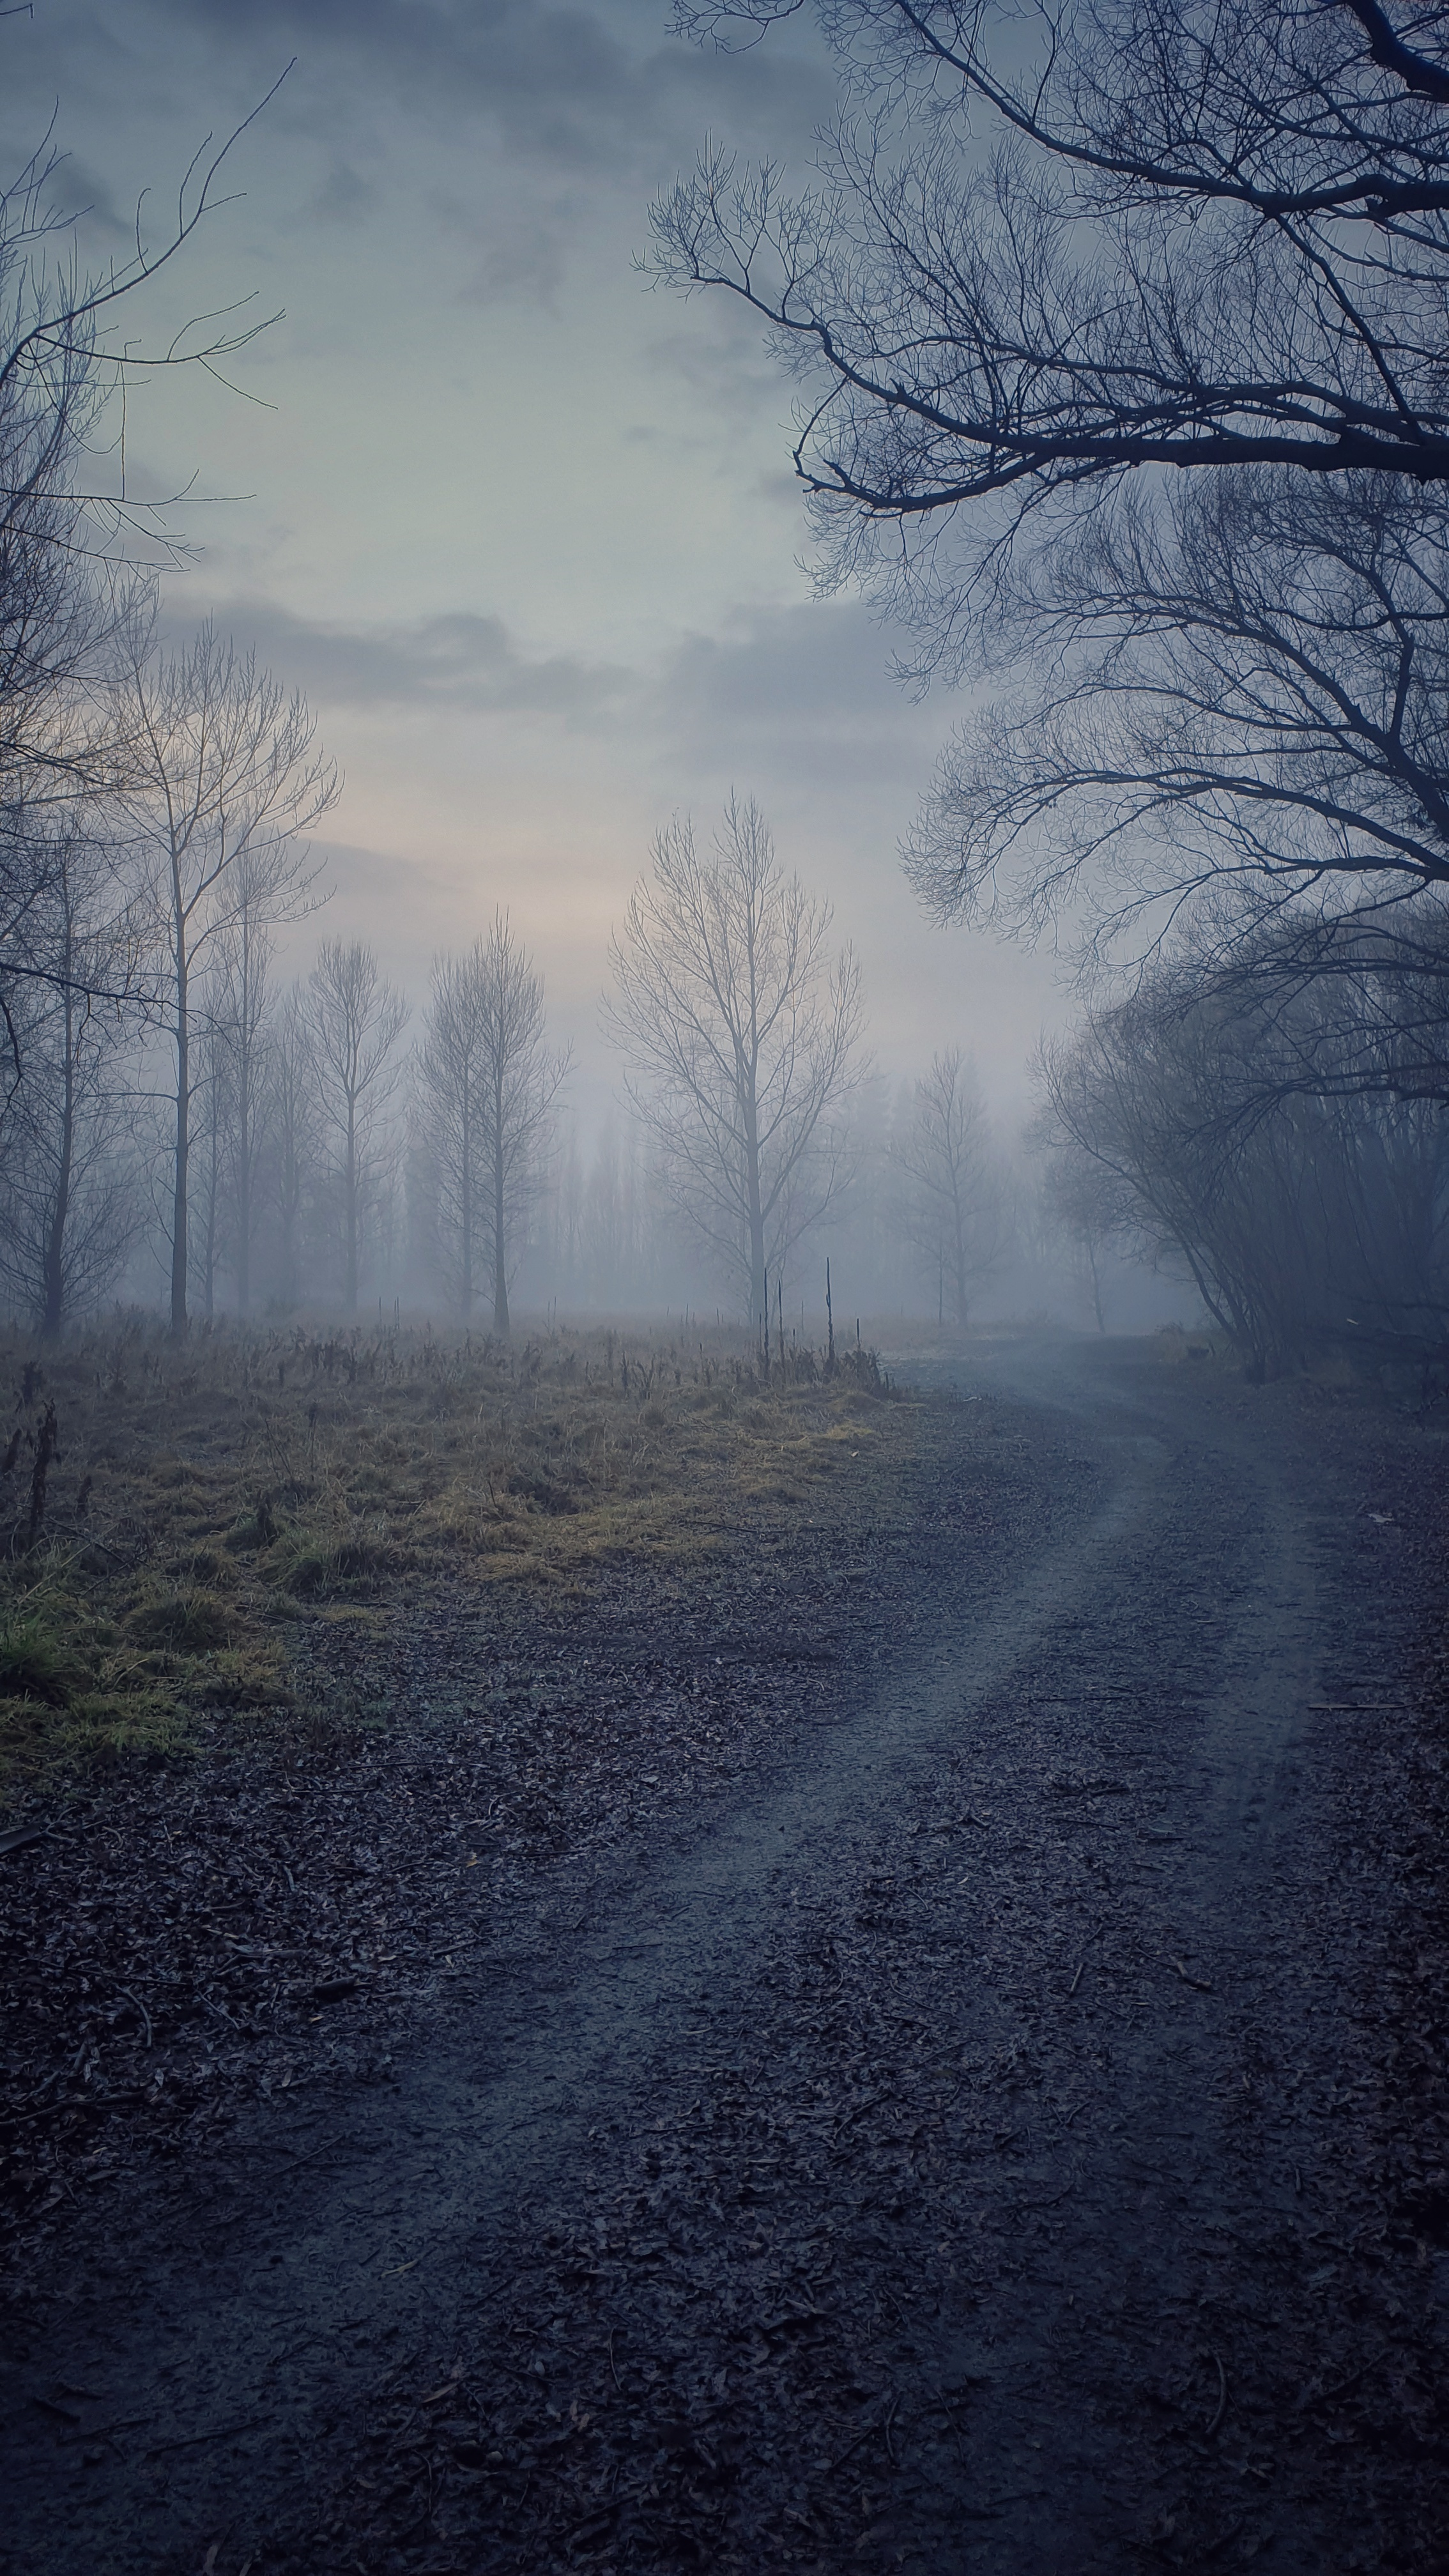 Foggy crisp mornings on the trail